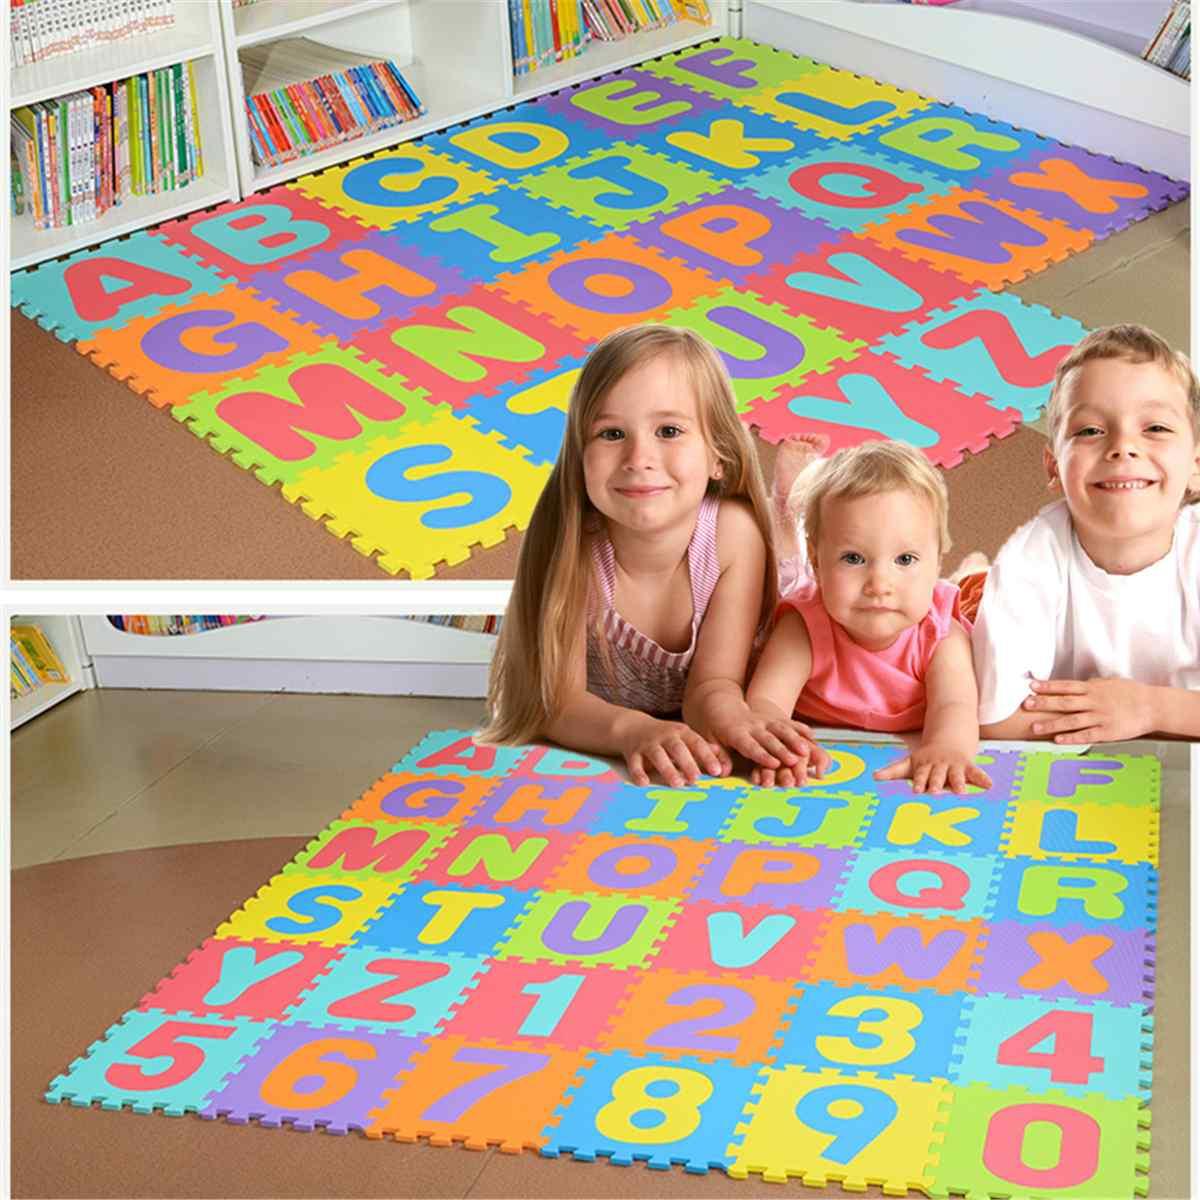 36 pièces Puzzle tapis pour enfants épaissi Tapete bébé tapis de jeu infantile bébé chambre lettre ramper tapis pliant tapis bébé